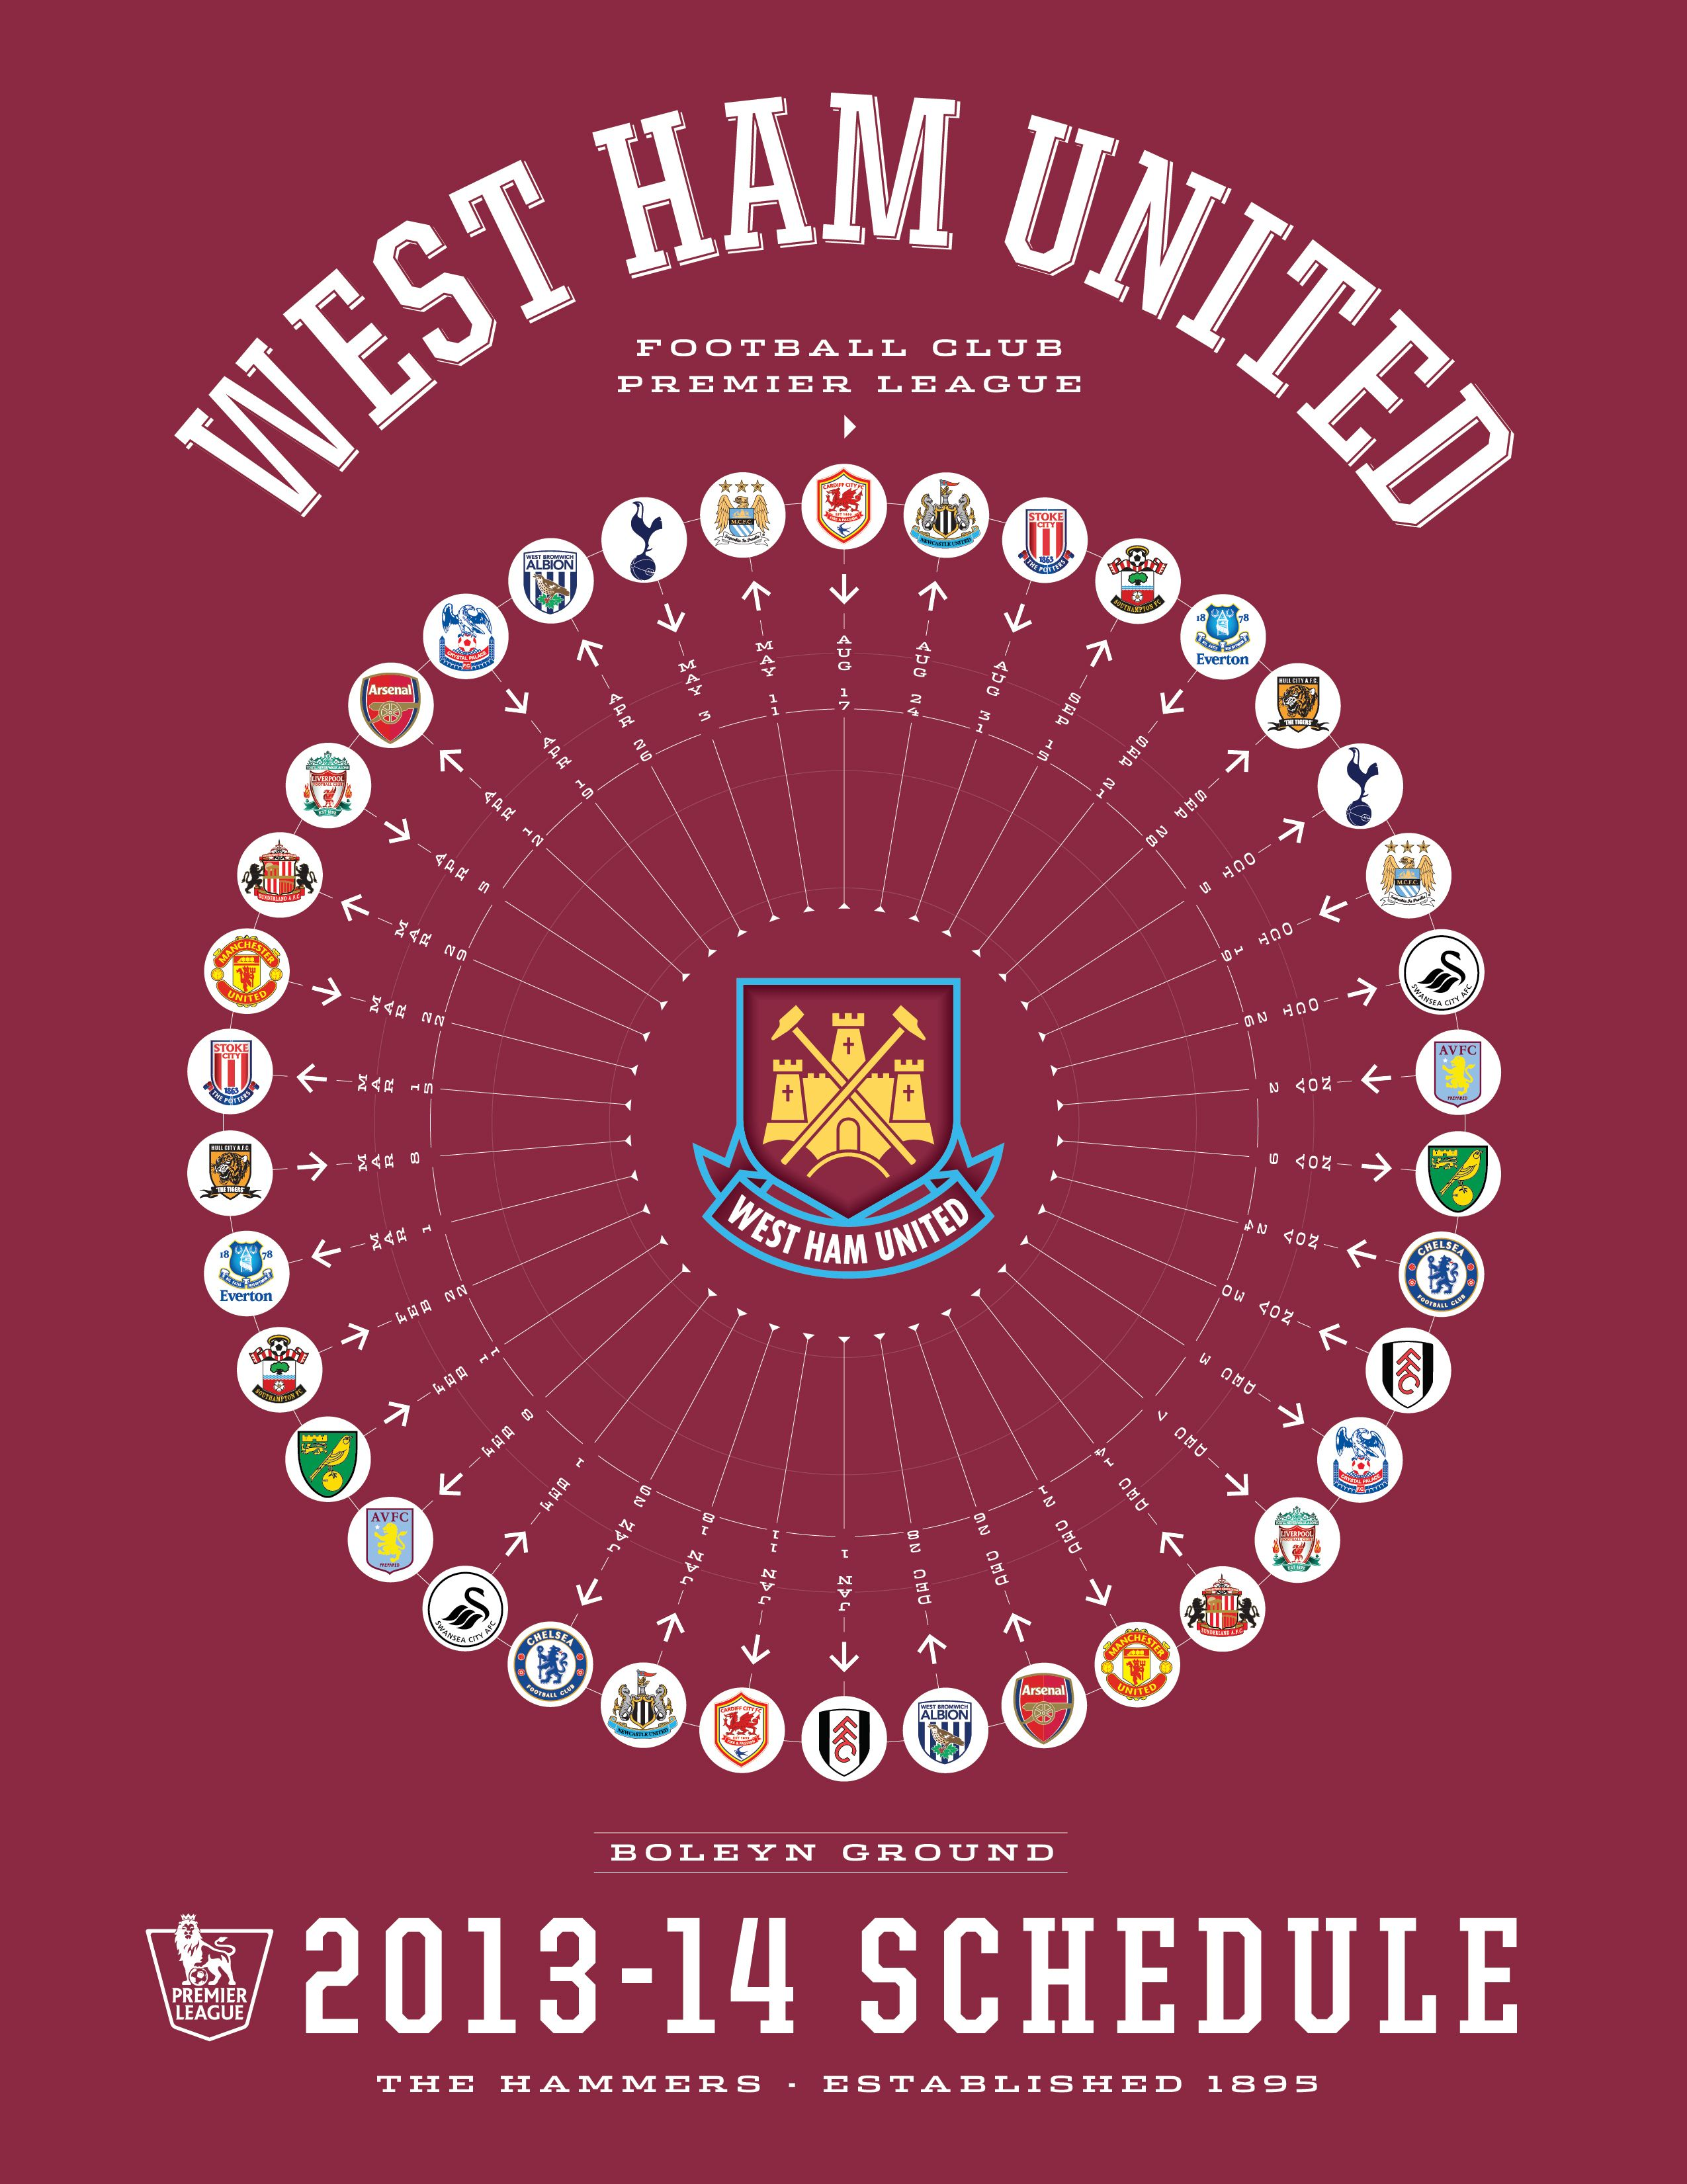 west ham united 2013-14 premier league schedule | 2013-14 premier